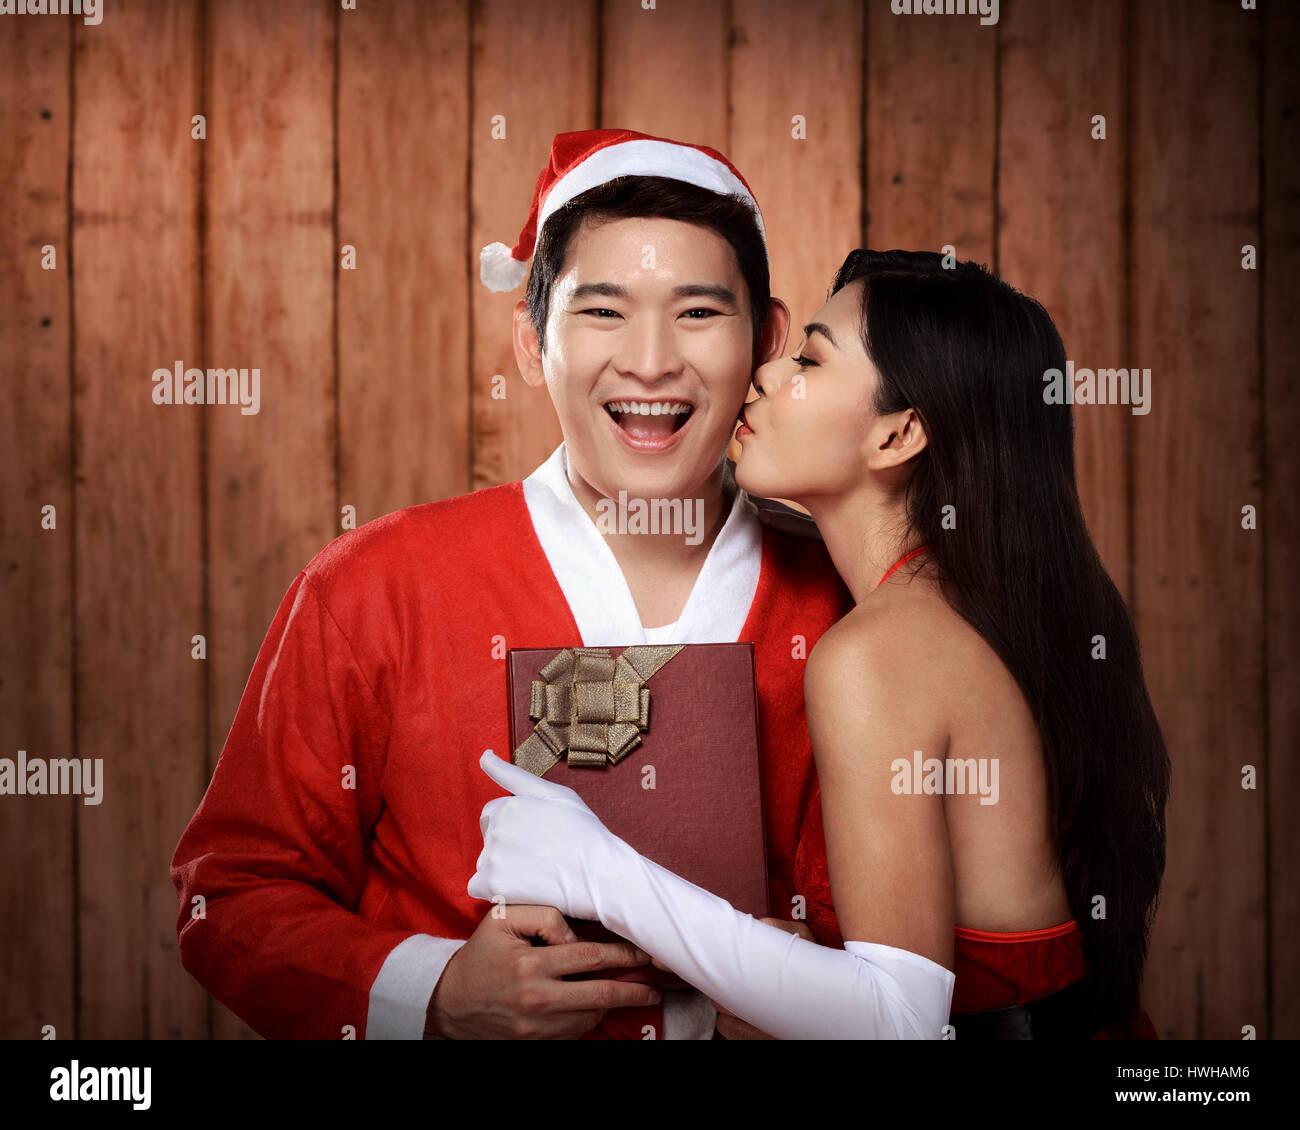 Weihnachtsfrau Kuß an ihren Geliebten. Weihnachten-Konzept Stockfoto ...